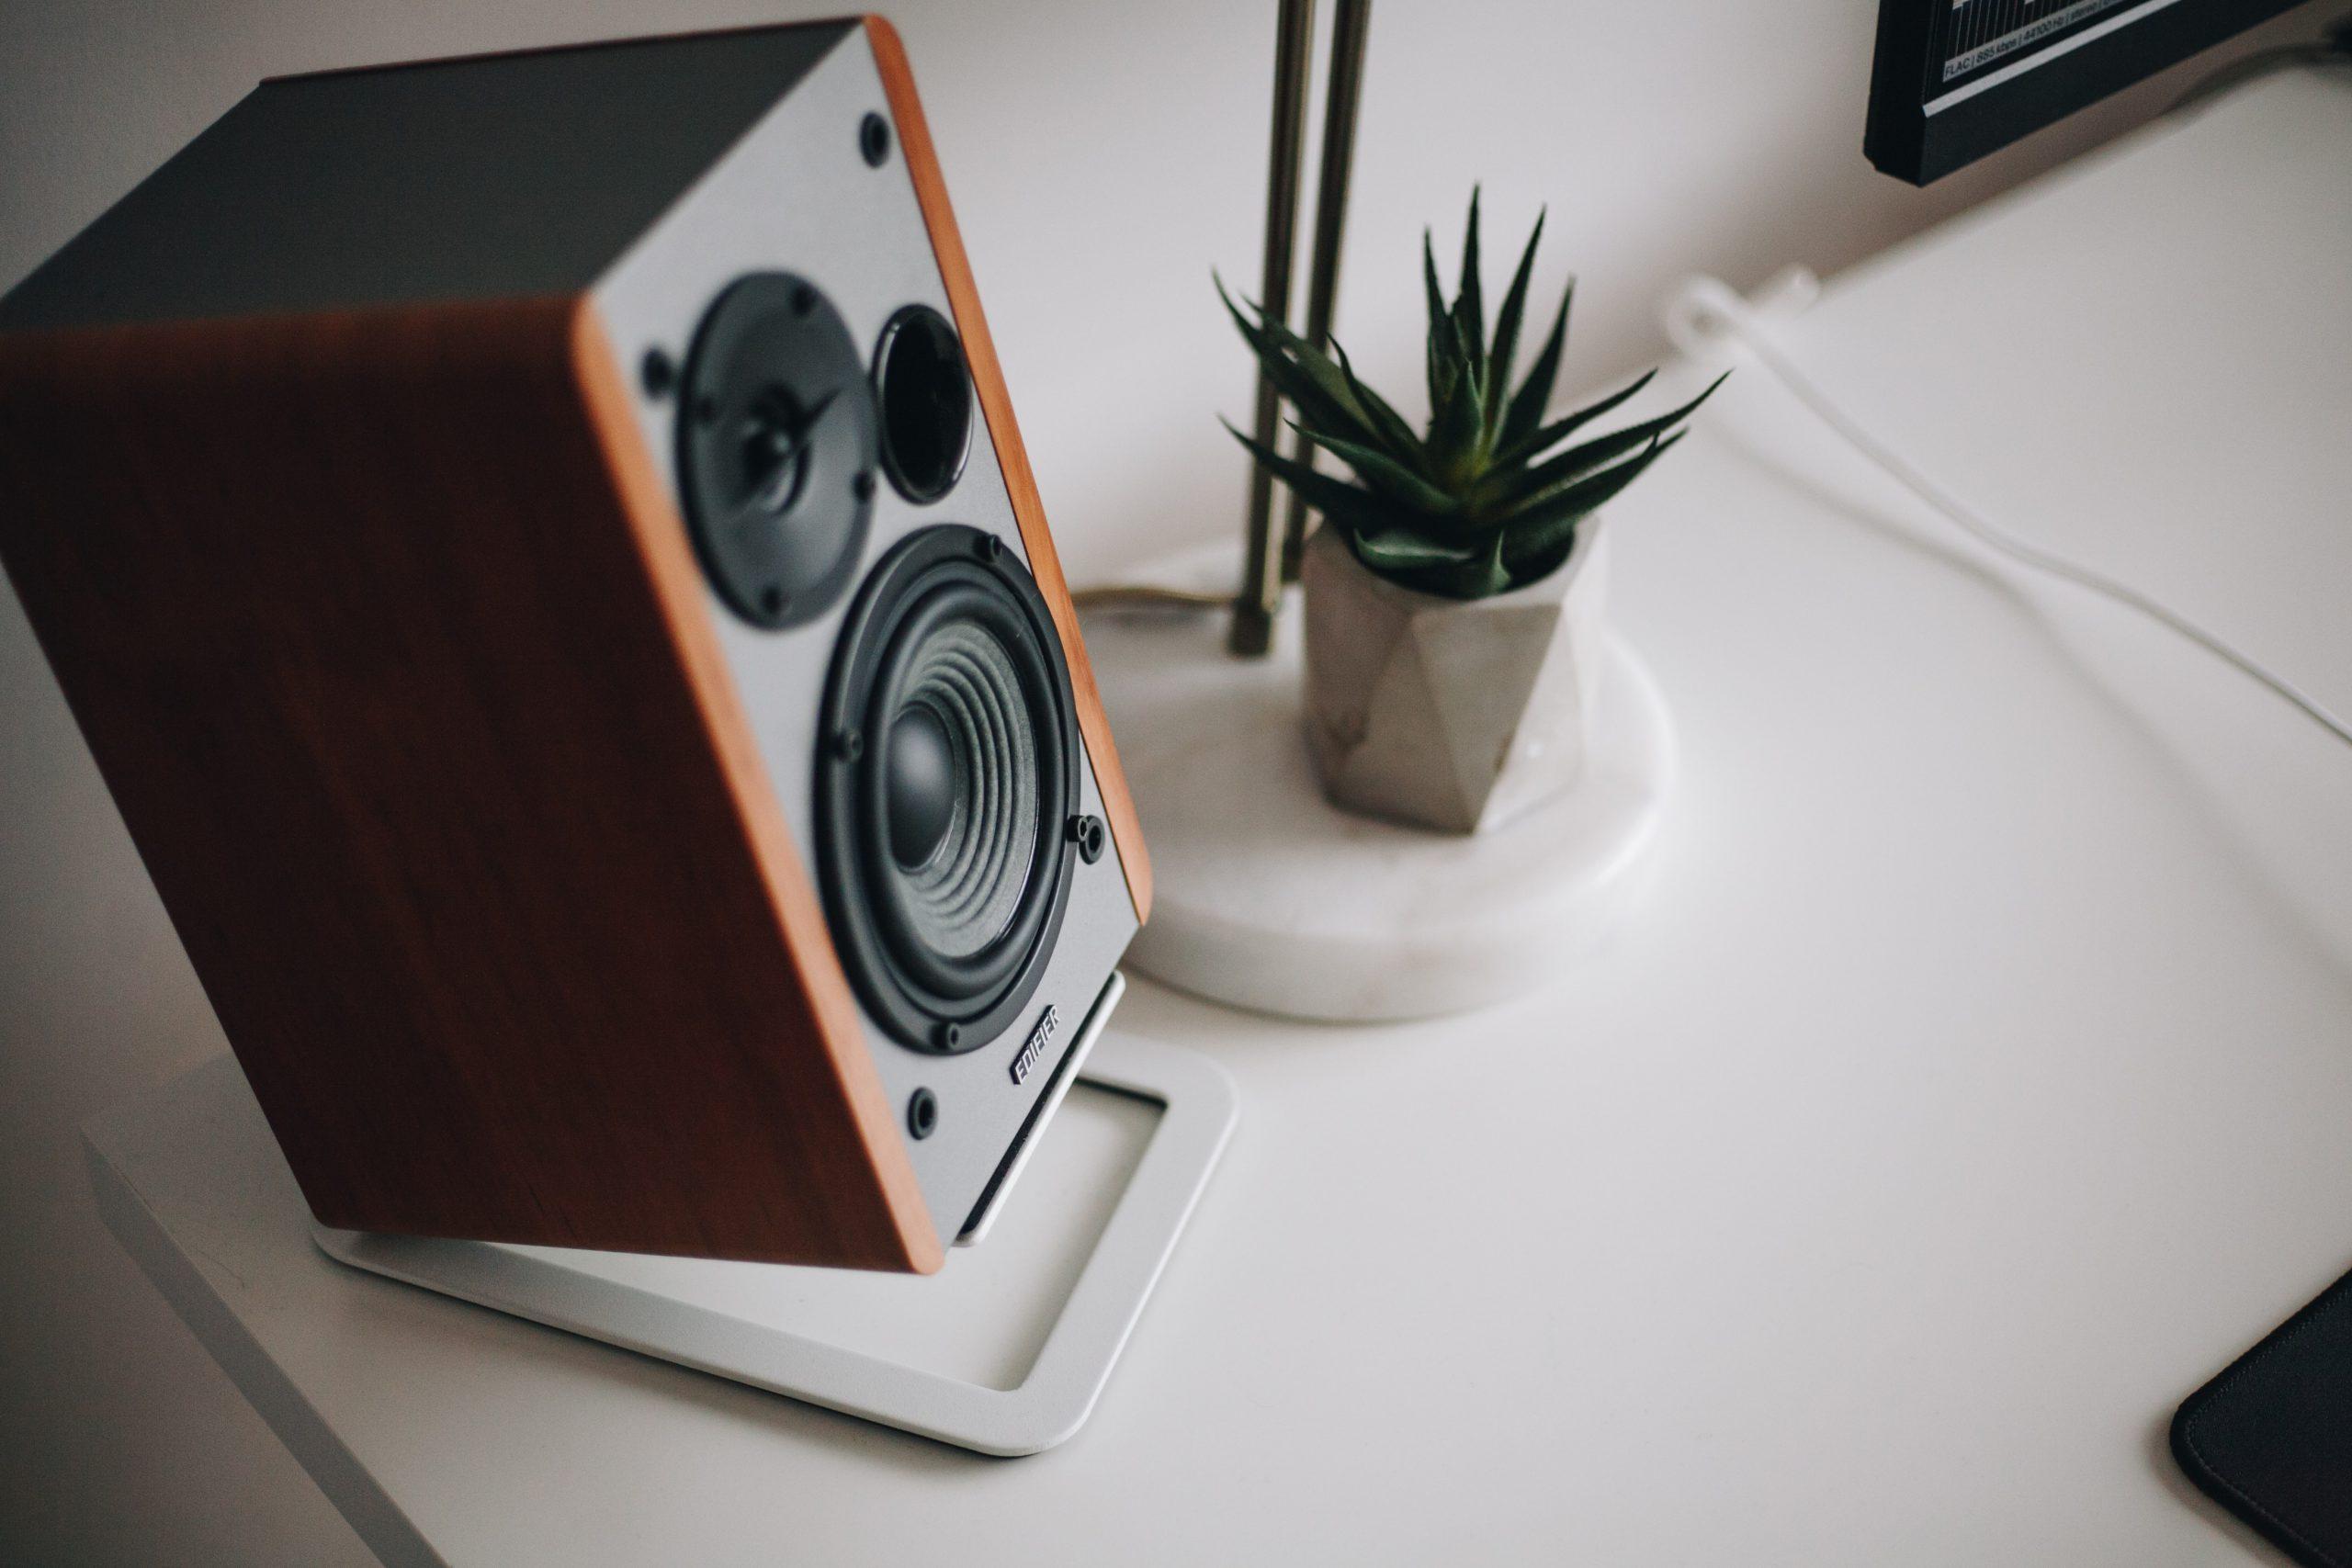 Najlepsze głośniki do komputera